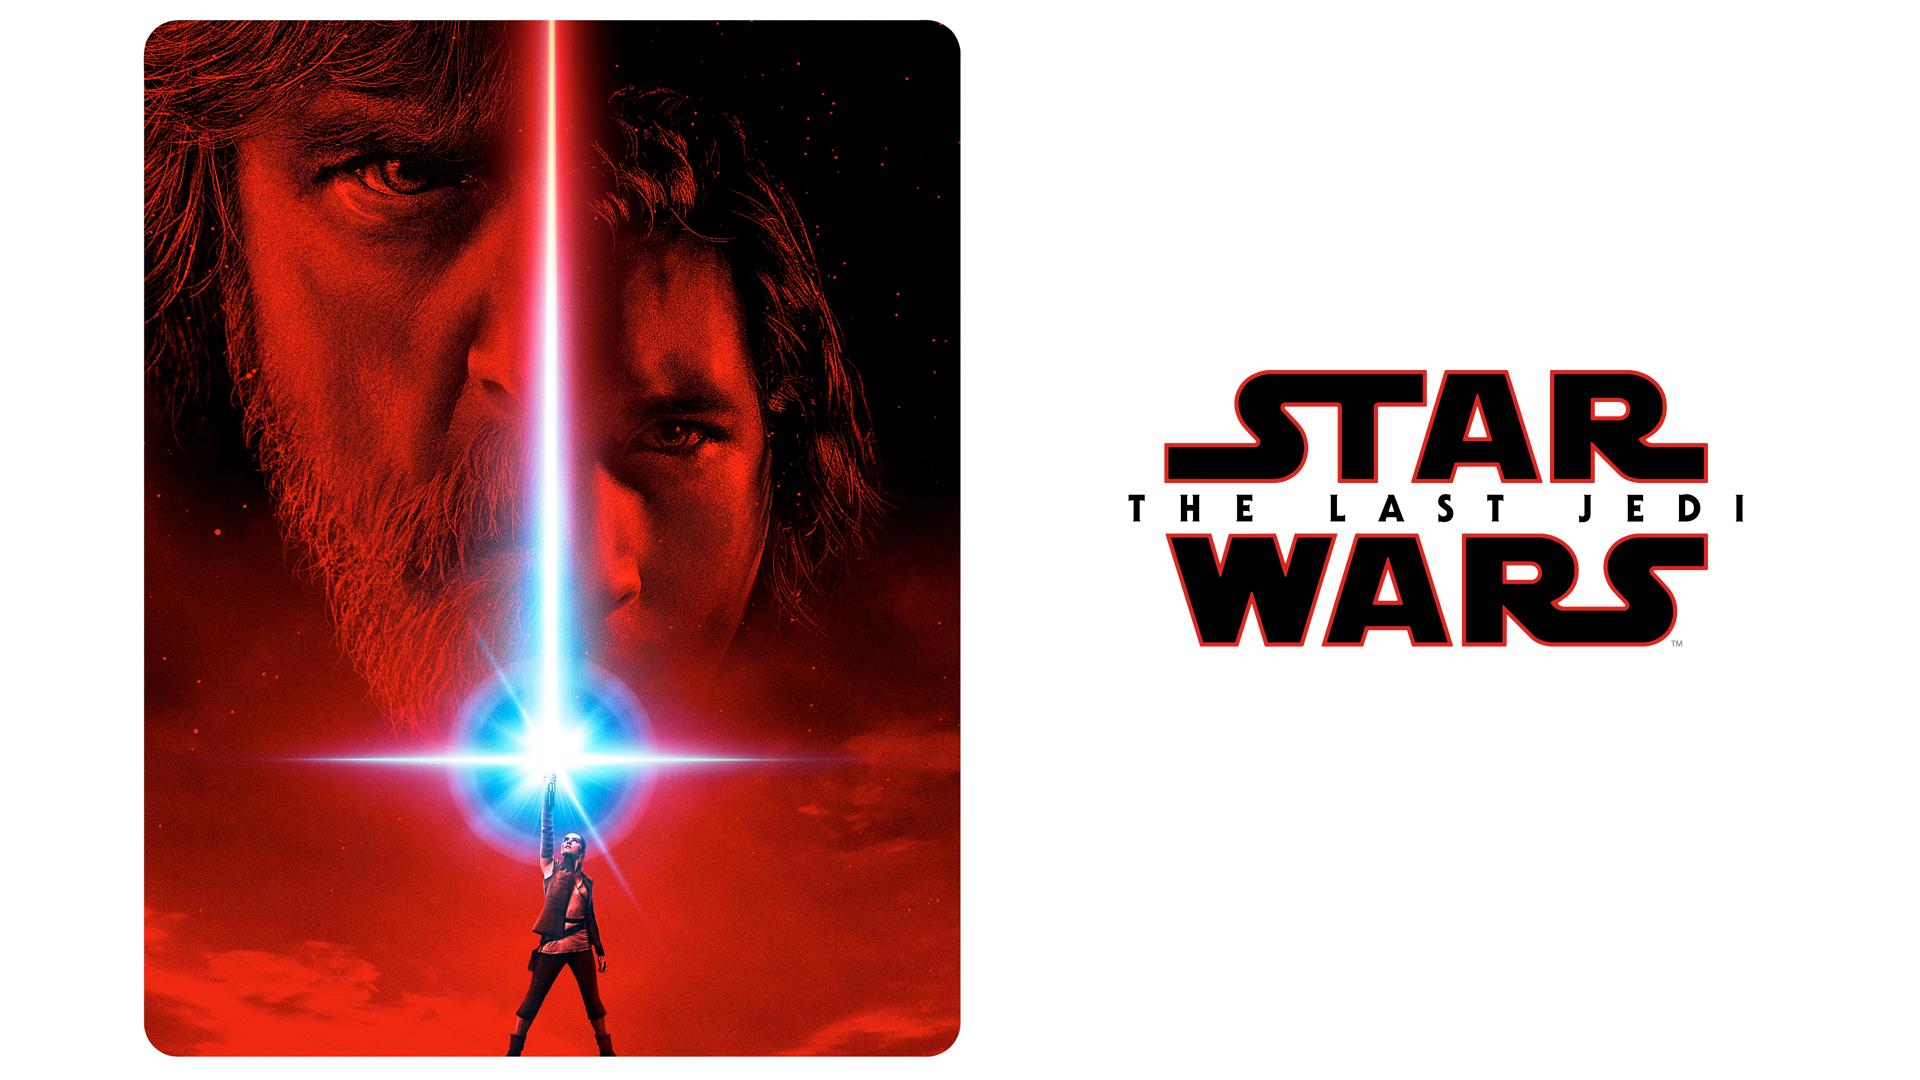 Star wars the last jedi wallpaper teaser poster by - Star wars the last jedi wallpaper ...